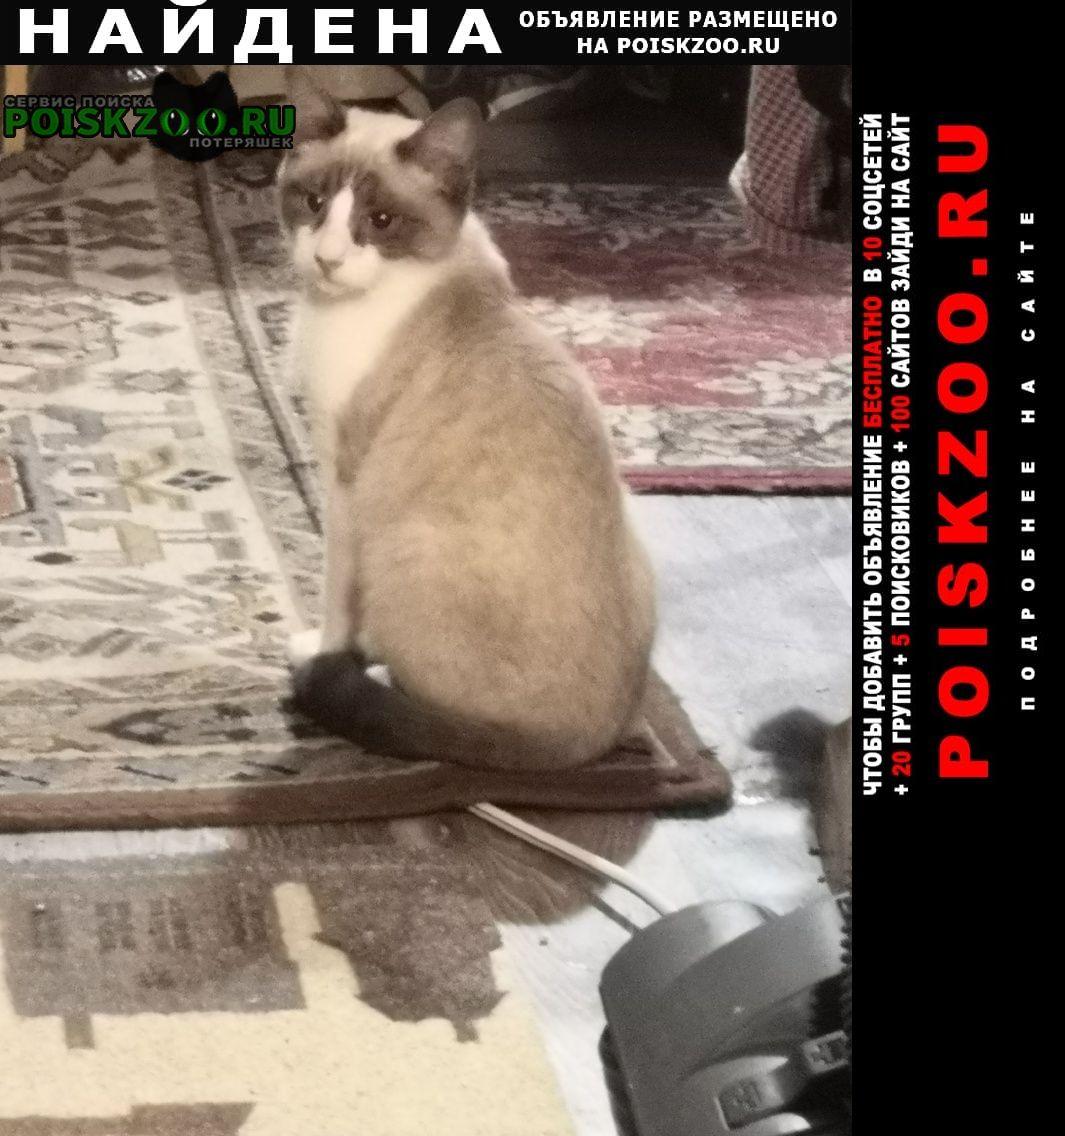 Найден кот Дзержинск